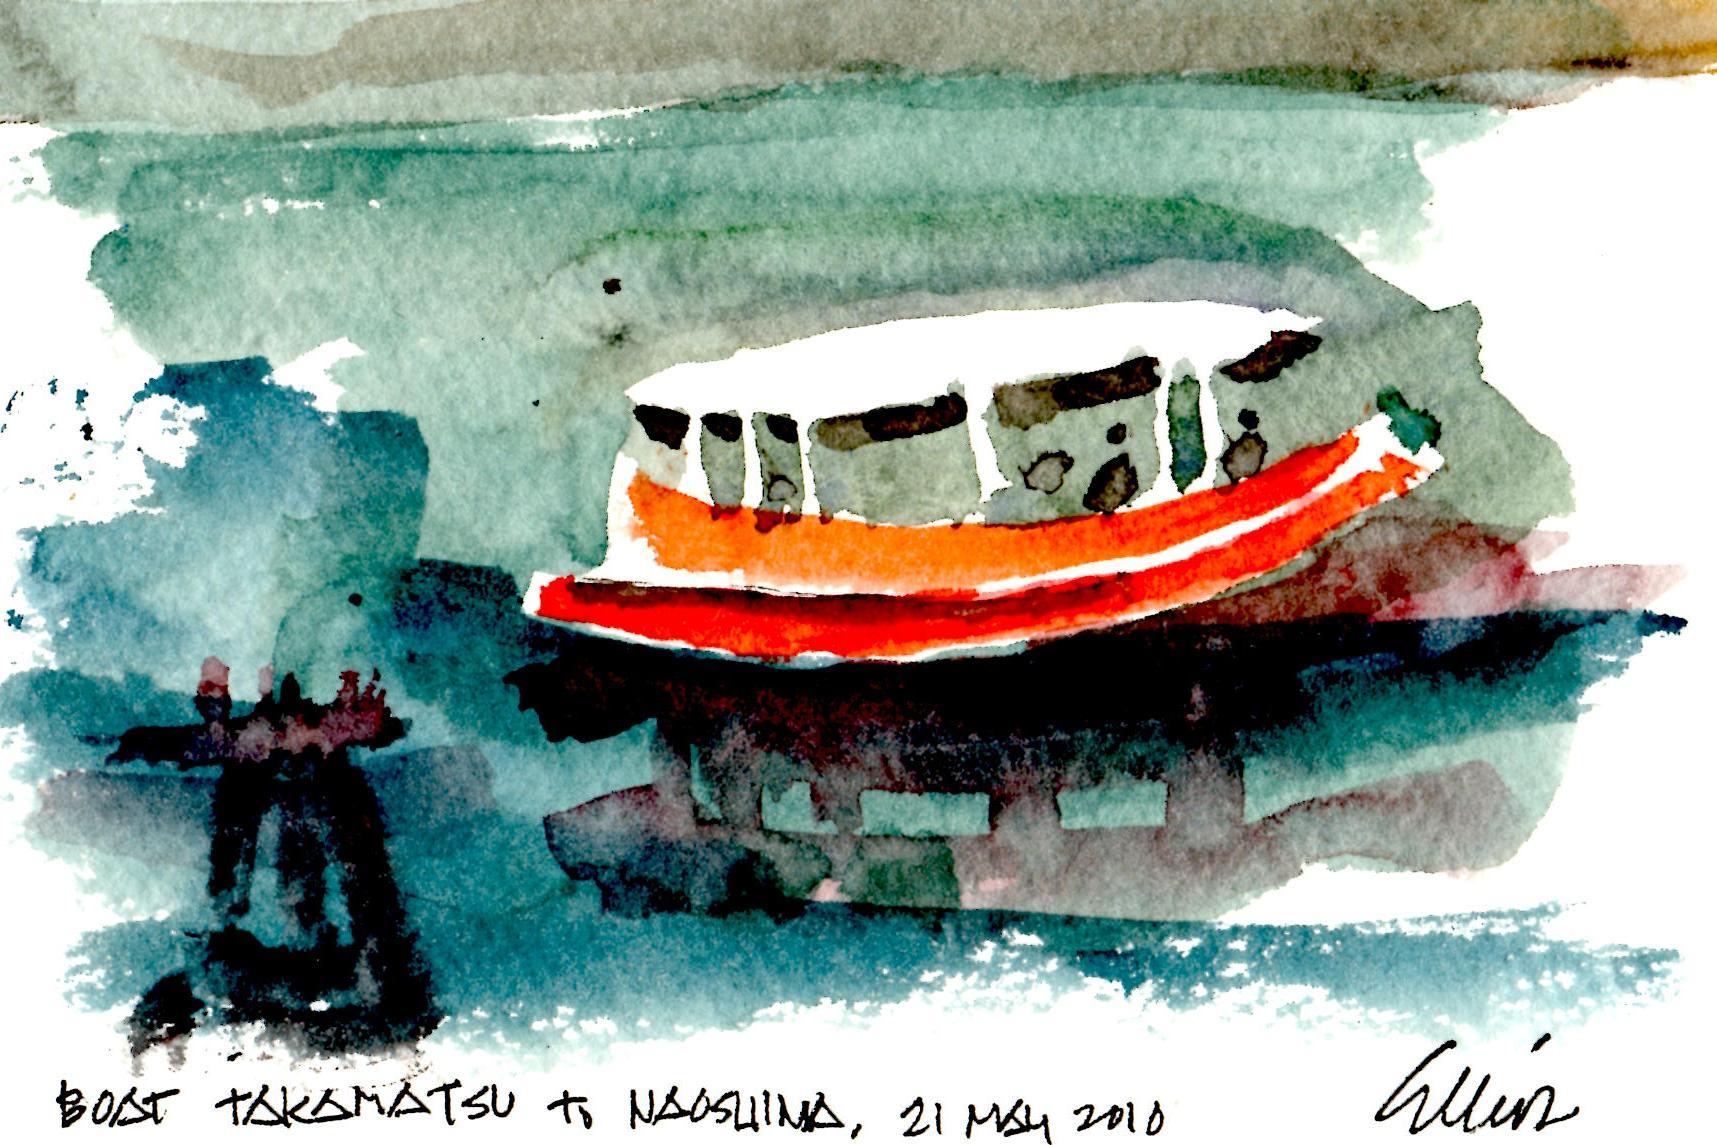 Boat Takamatsu to Naoshima